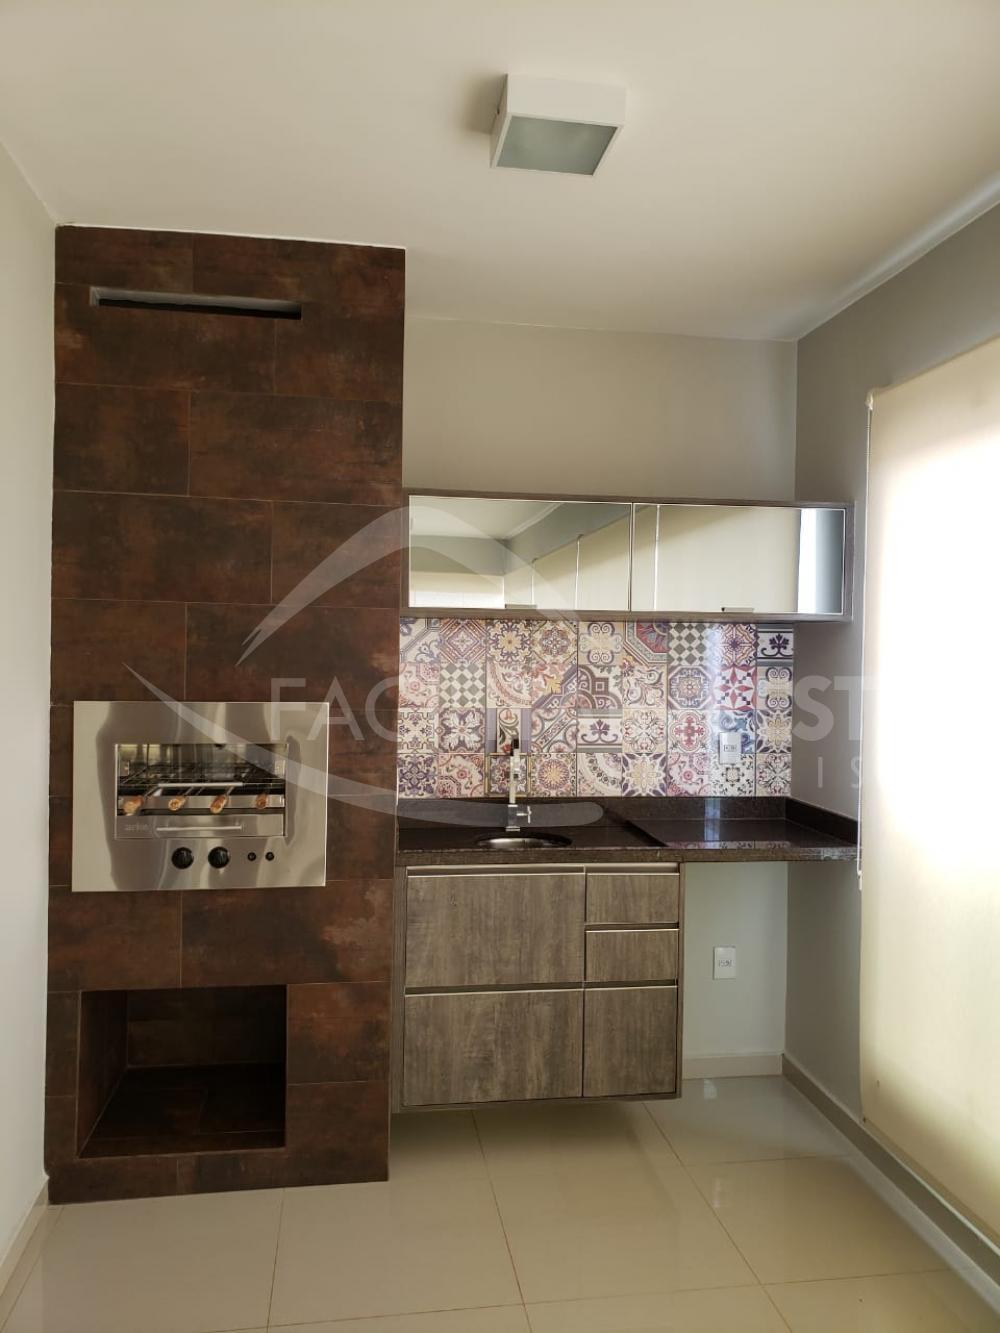 Alugar Apartamentos / Apart. Padrão em Ribeirão Preto apenas R$ 3.300,00 - Foto 6